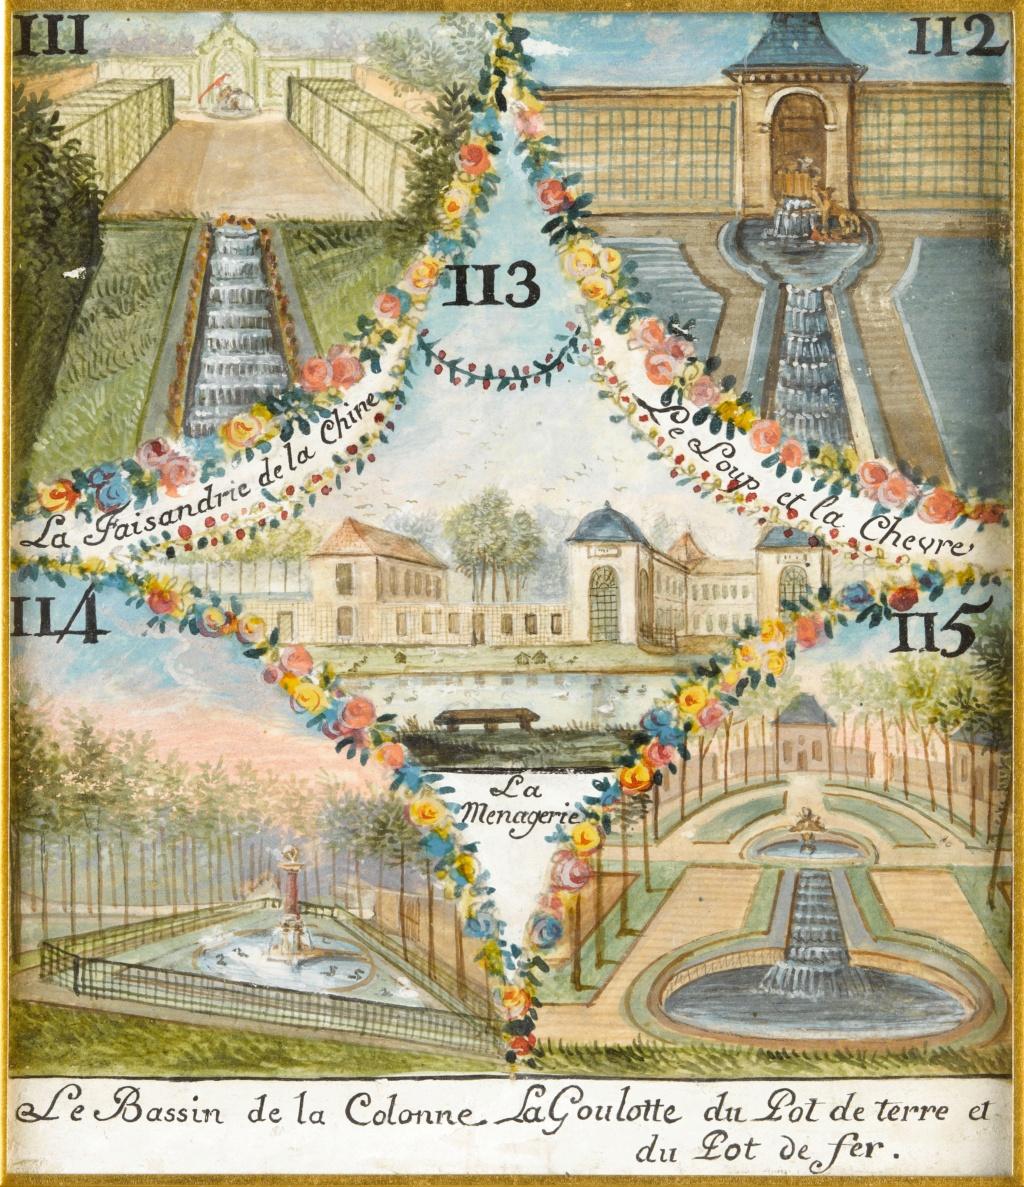 Chantilly, La ménagerie princière de Chantilly  E-6i8_11